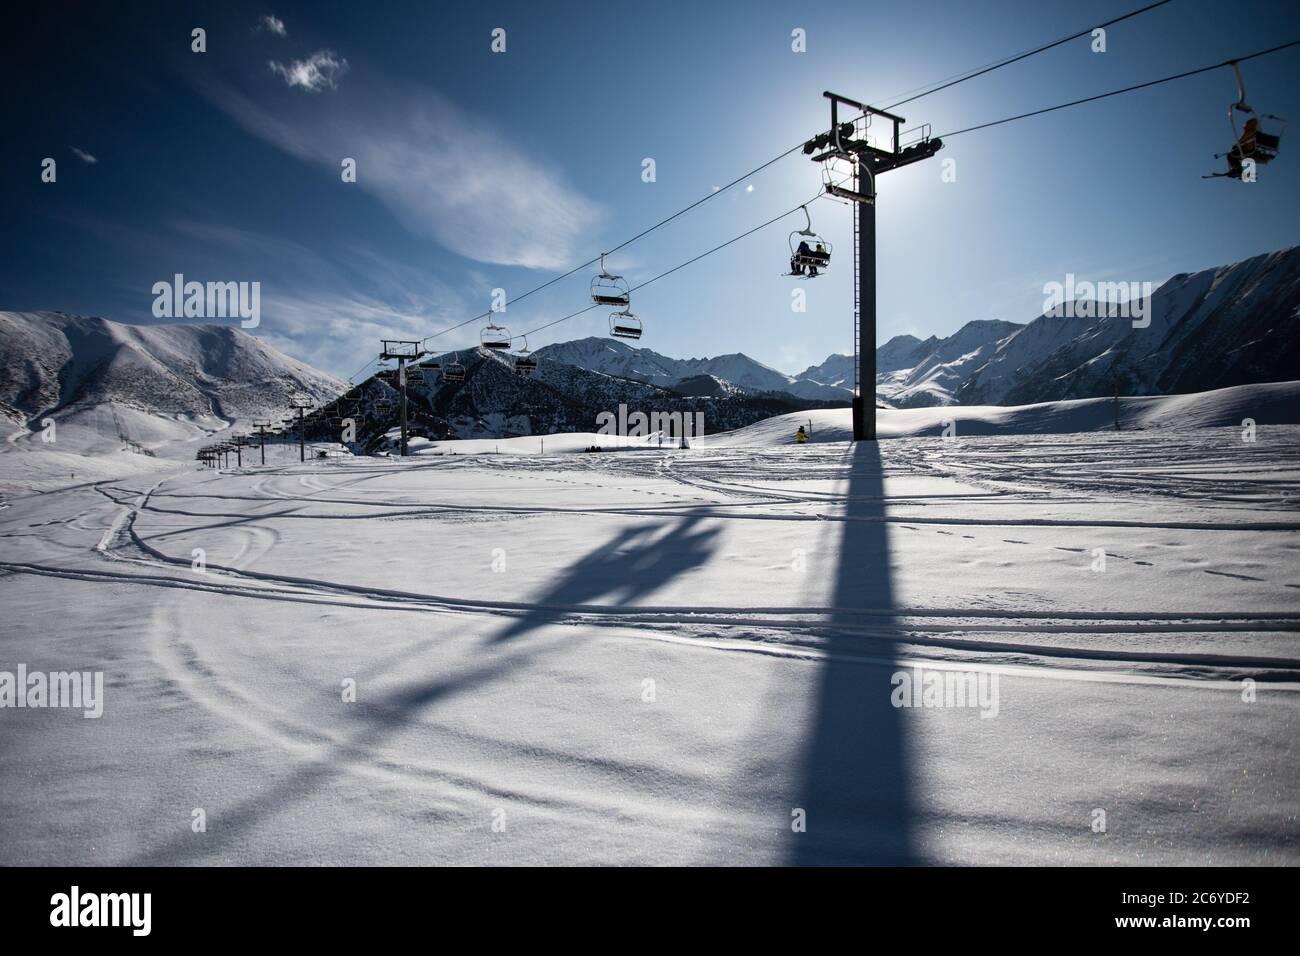 Touristen und Sportler erkunden die Pisten des Skistützpunktes Chunkurchak im Gebiet Chuy in Kirgisistan bei Bischkek. Stockfoto